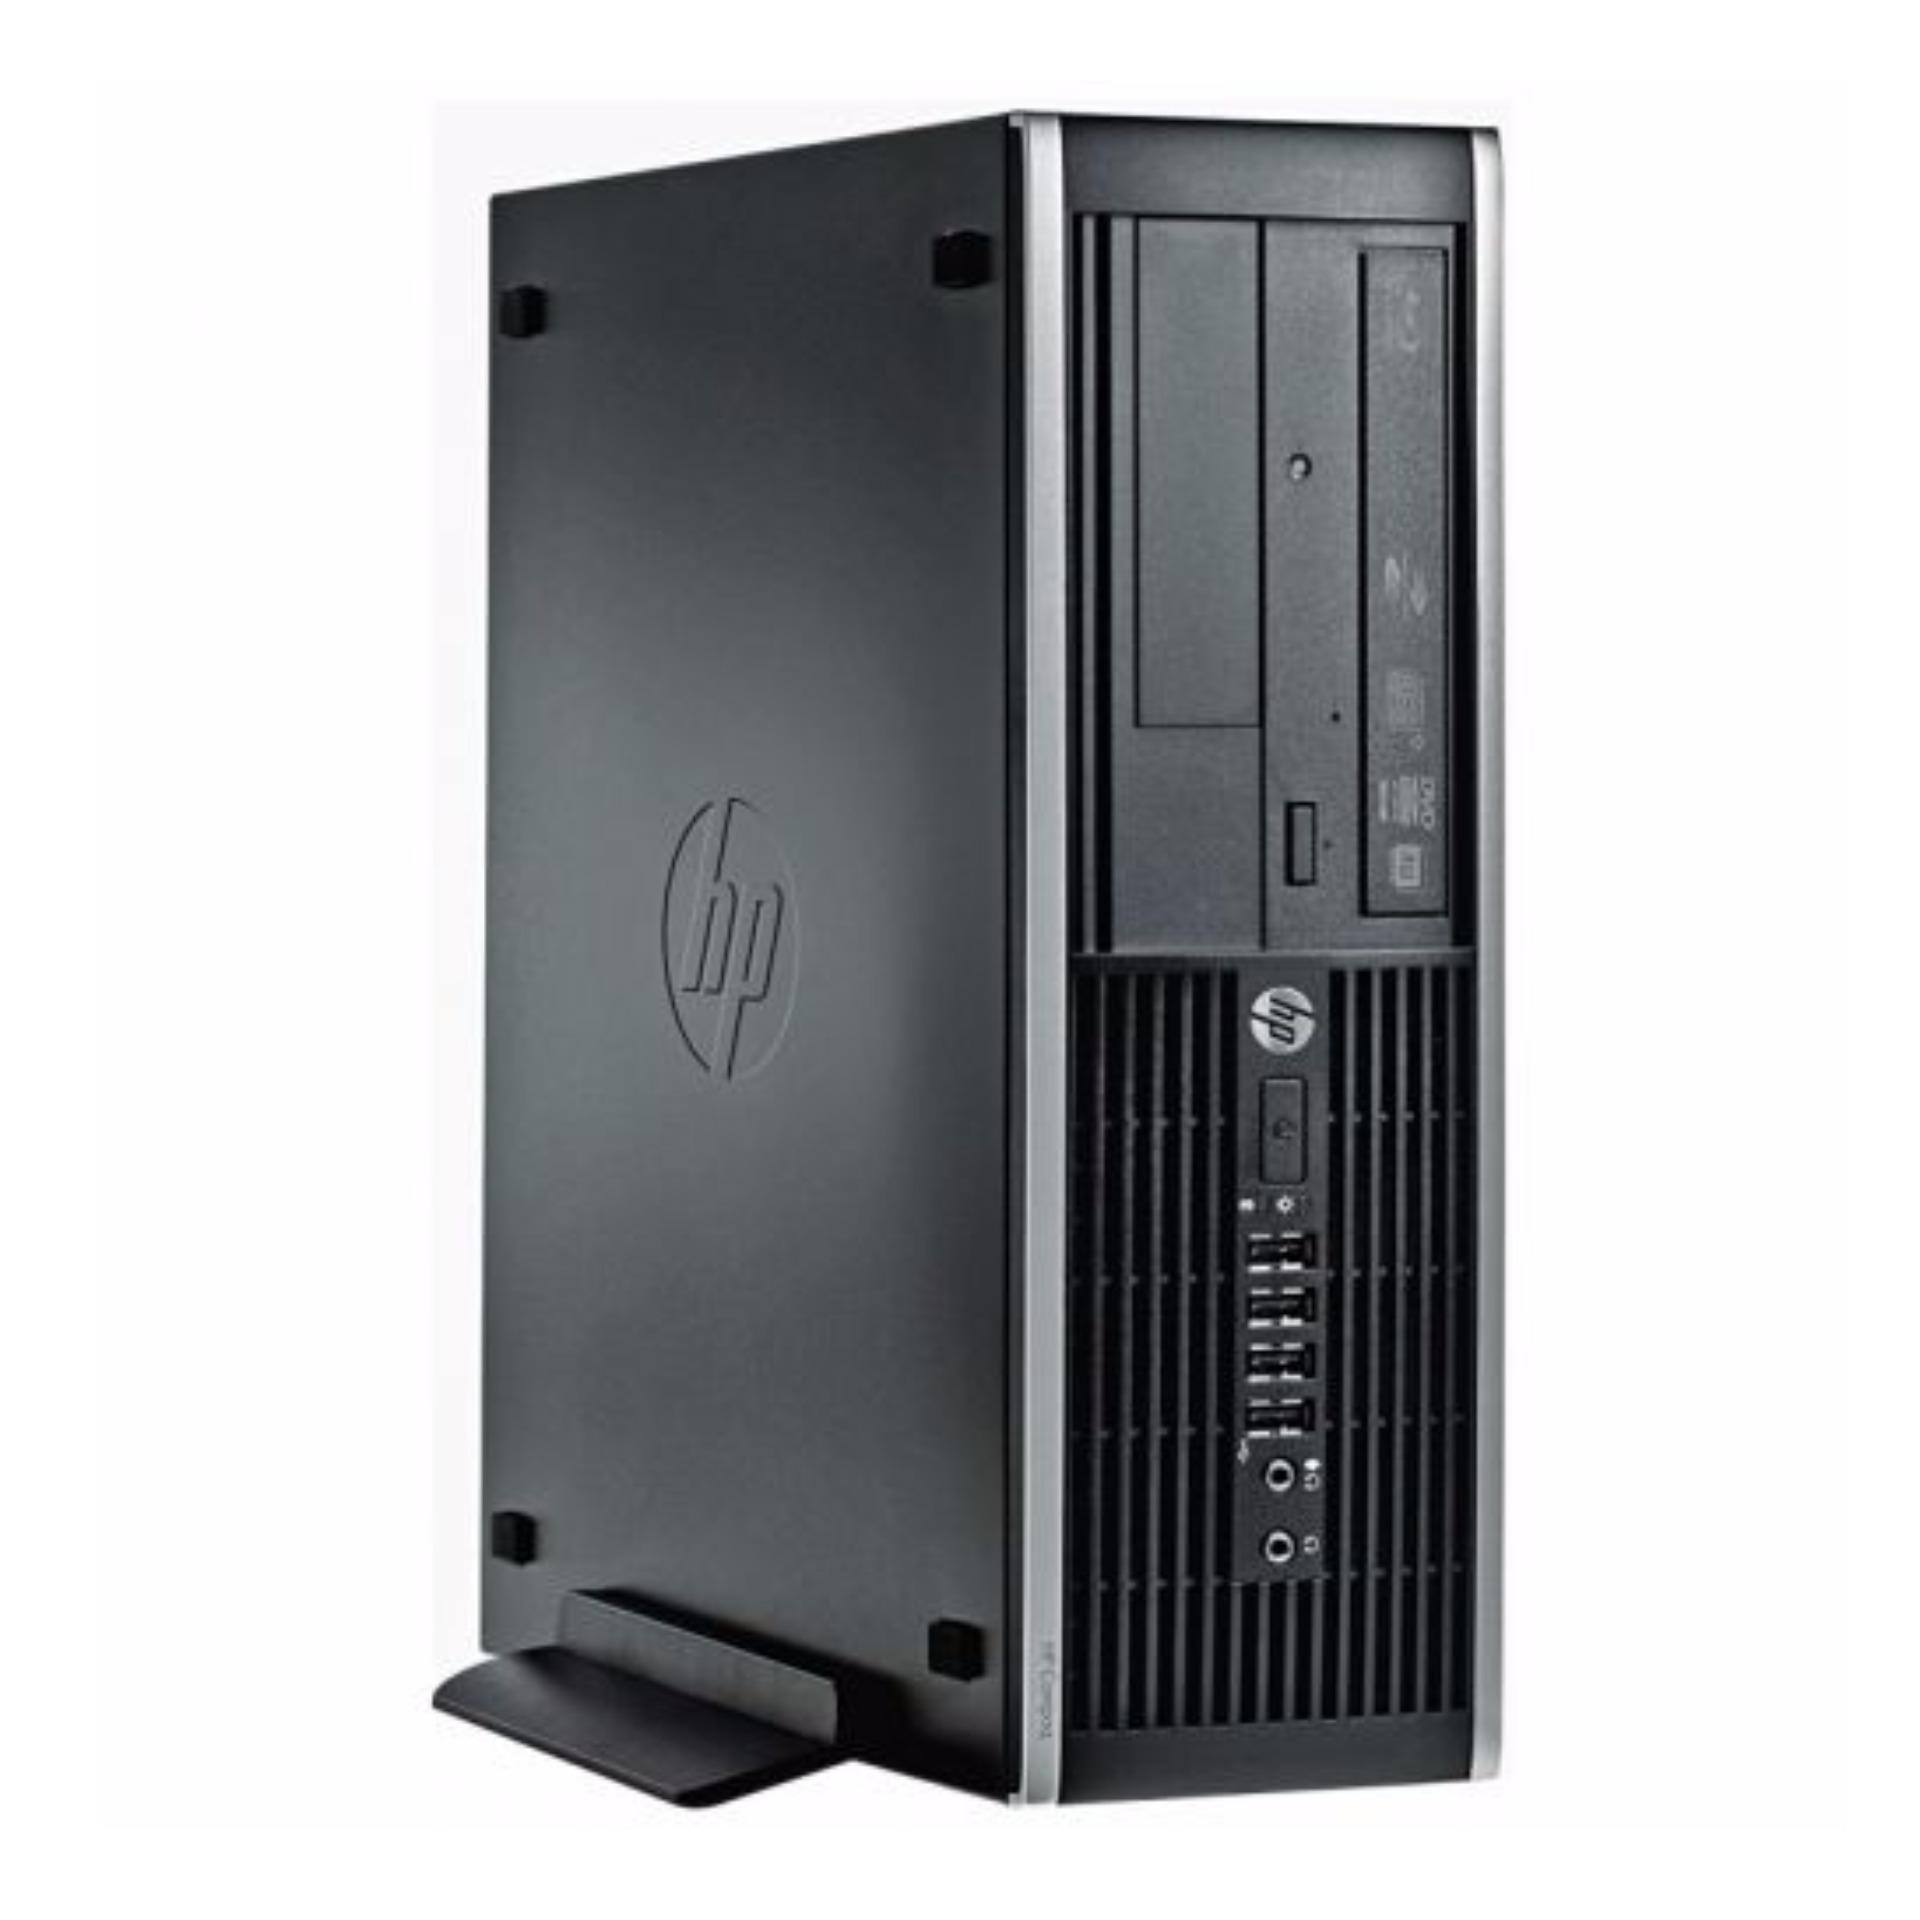 Máy tính đồng bộ HP Compaq DC 6300 Pro Core i3 RAM 4GB HDD 160GB